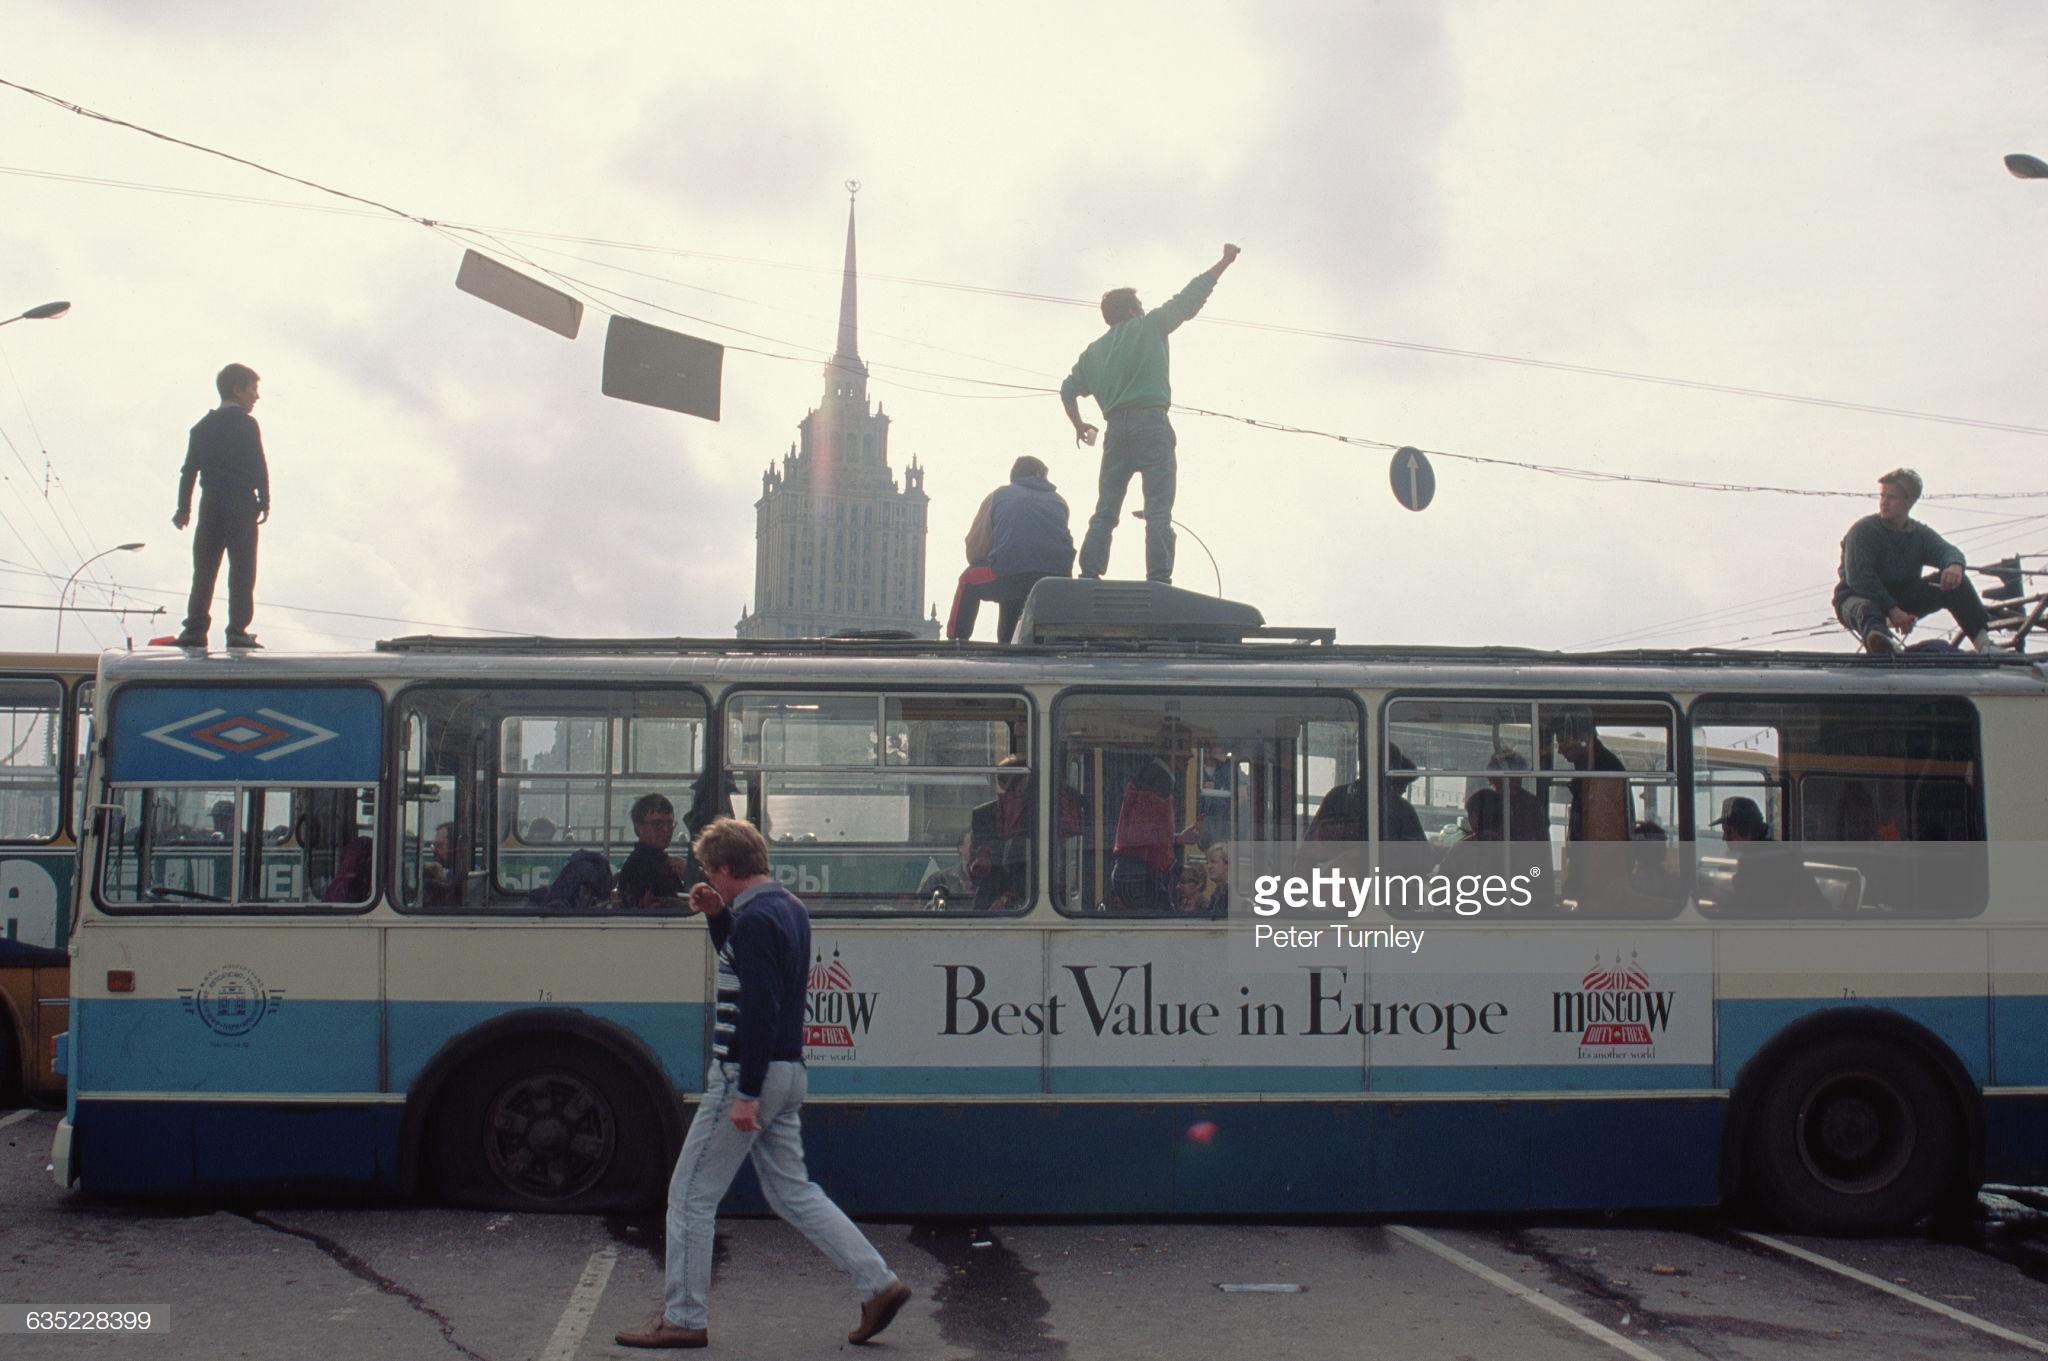 Люди стоят на крышах автобусов, которые используются в качестве баррикад для блокировки доступа на Красную площадь